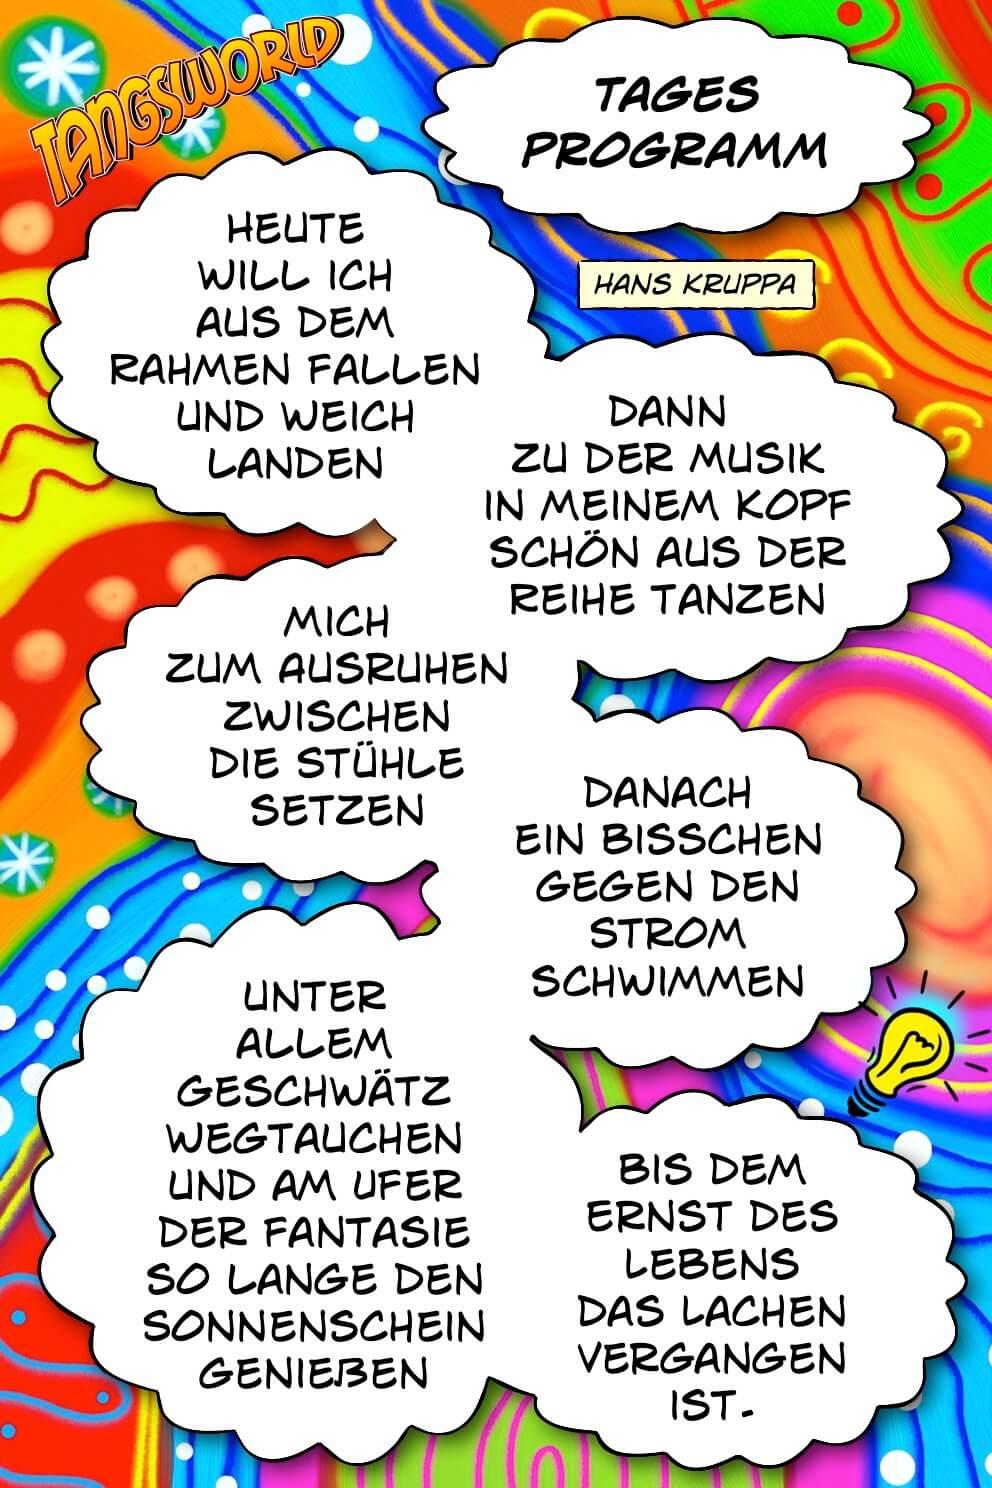 Tagesprogramm - Gedicht von Hans Kruppa: »Heute will ich aus dem Rahmen fallen und weich landen, dann zu der Musik in meinem Kopf schön aus der Reihe tanzen …«